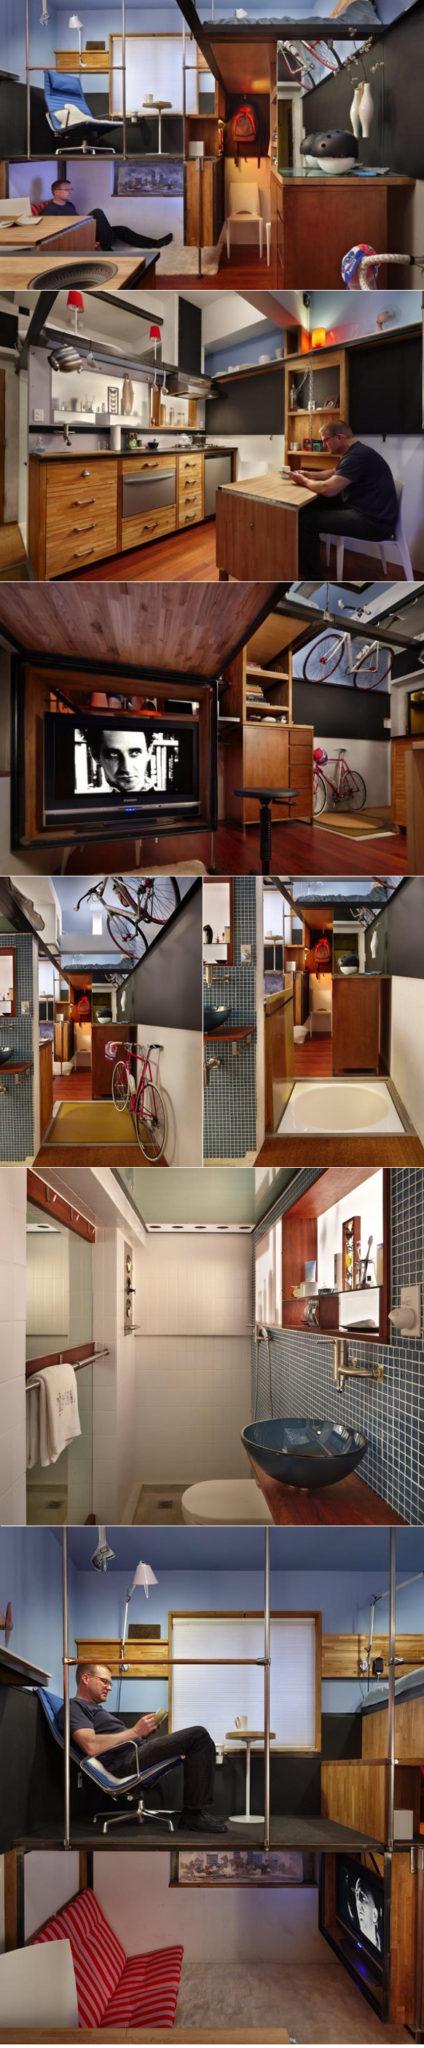 design small studio apartment